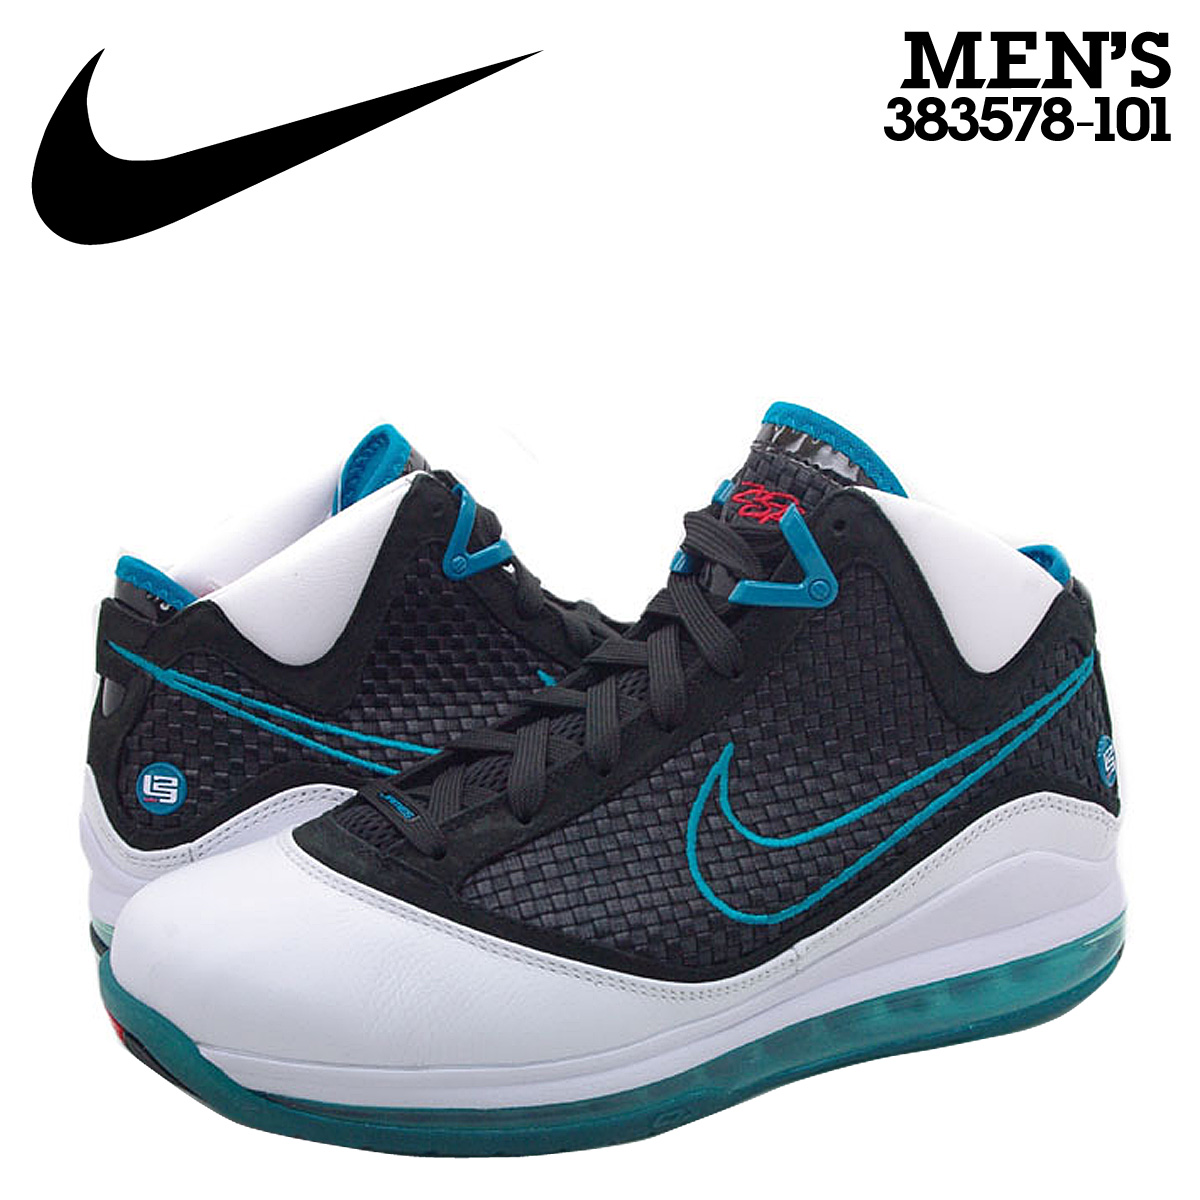 baf62712b4c Nike NIKE Air Max sneakers NFW AIR MAX LEBRON7 Air Max LeBron 7 norflivayer  383578 - 101 white black mens